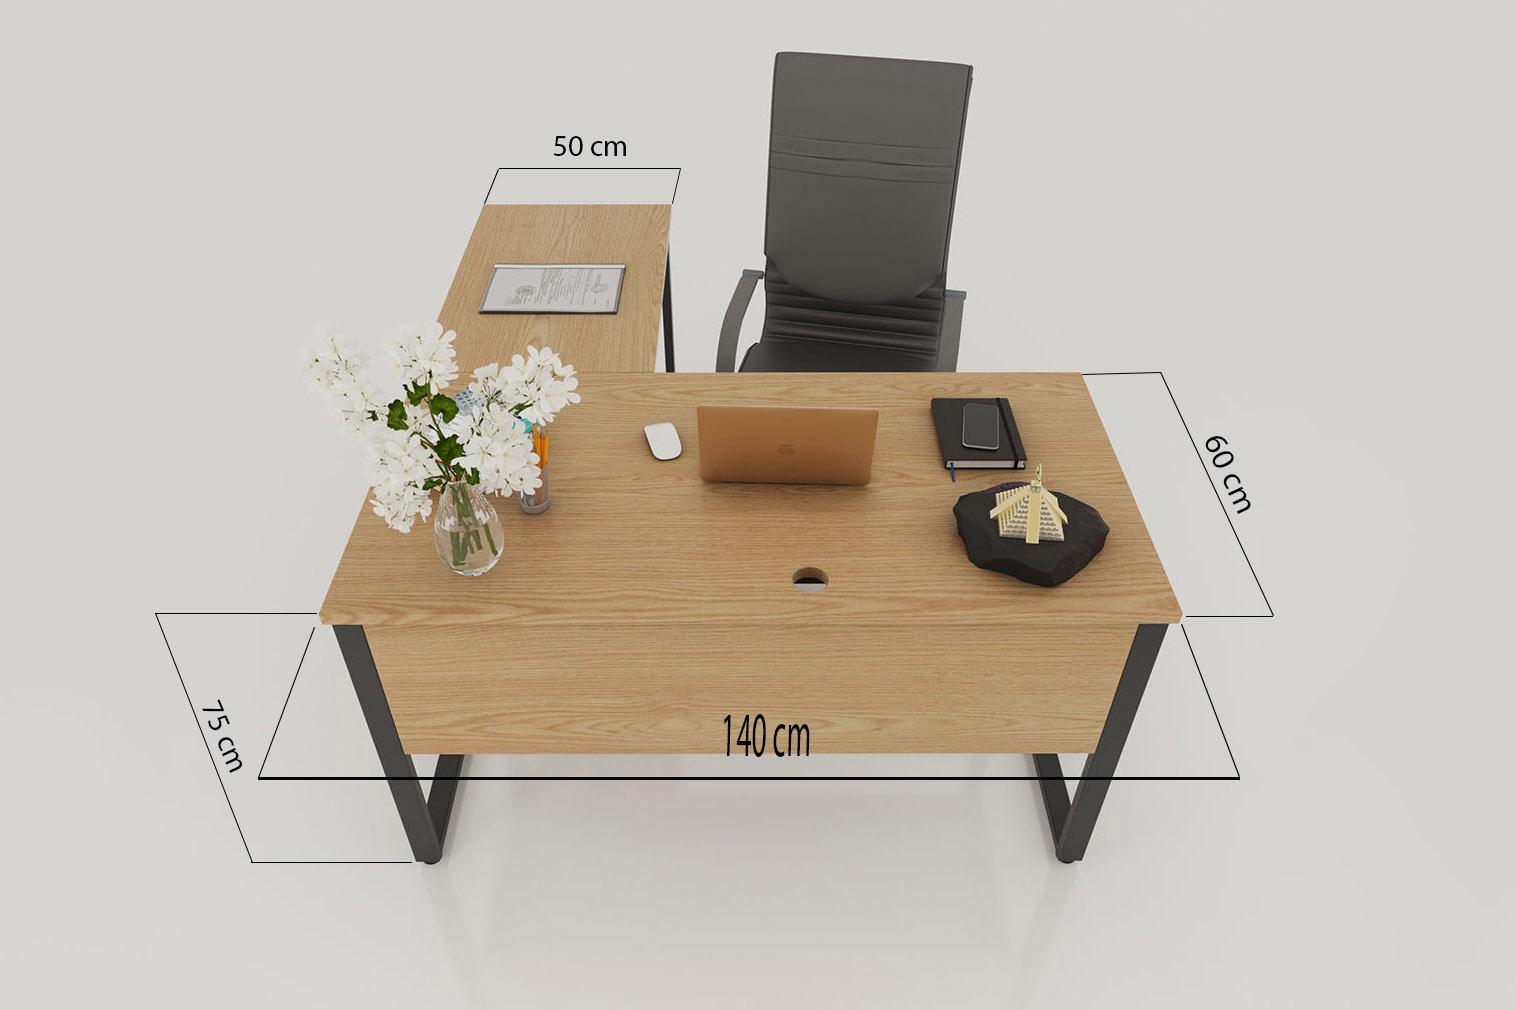 tiêu chuẩn bàn làm việc - Housedesign